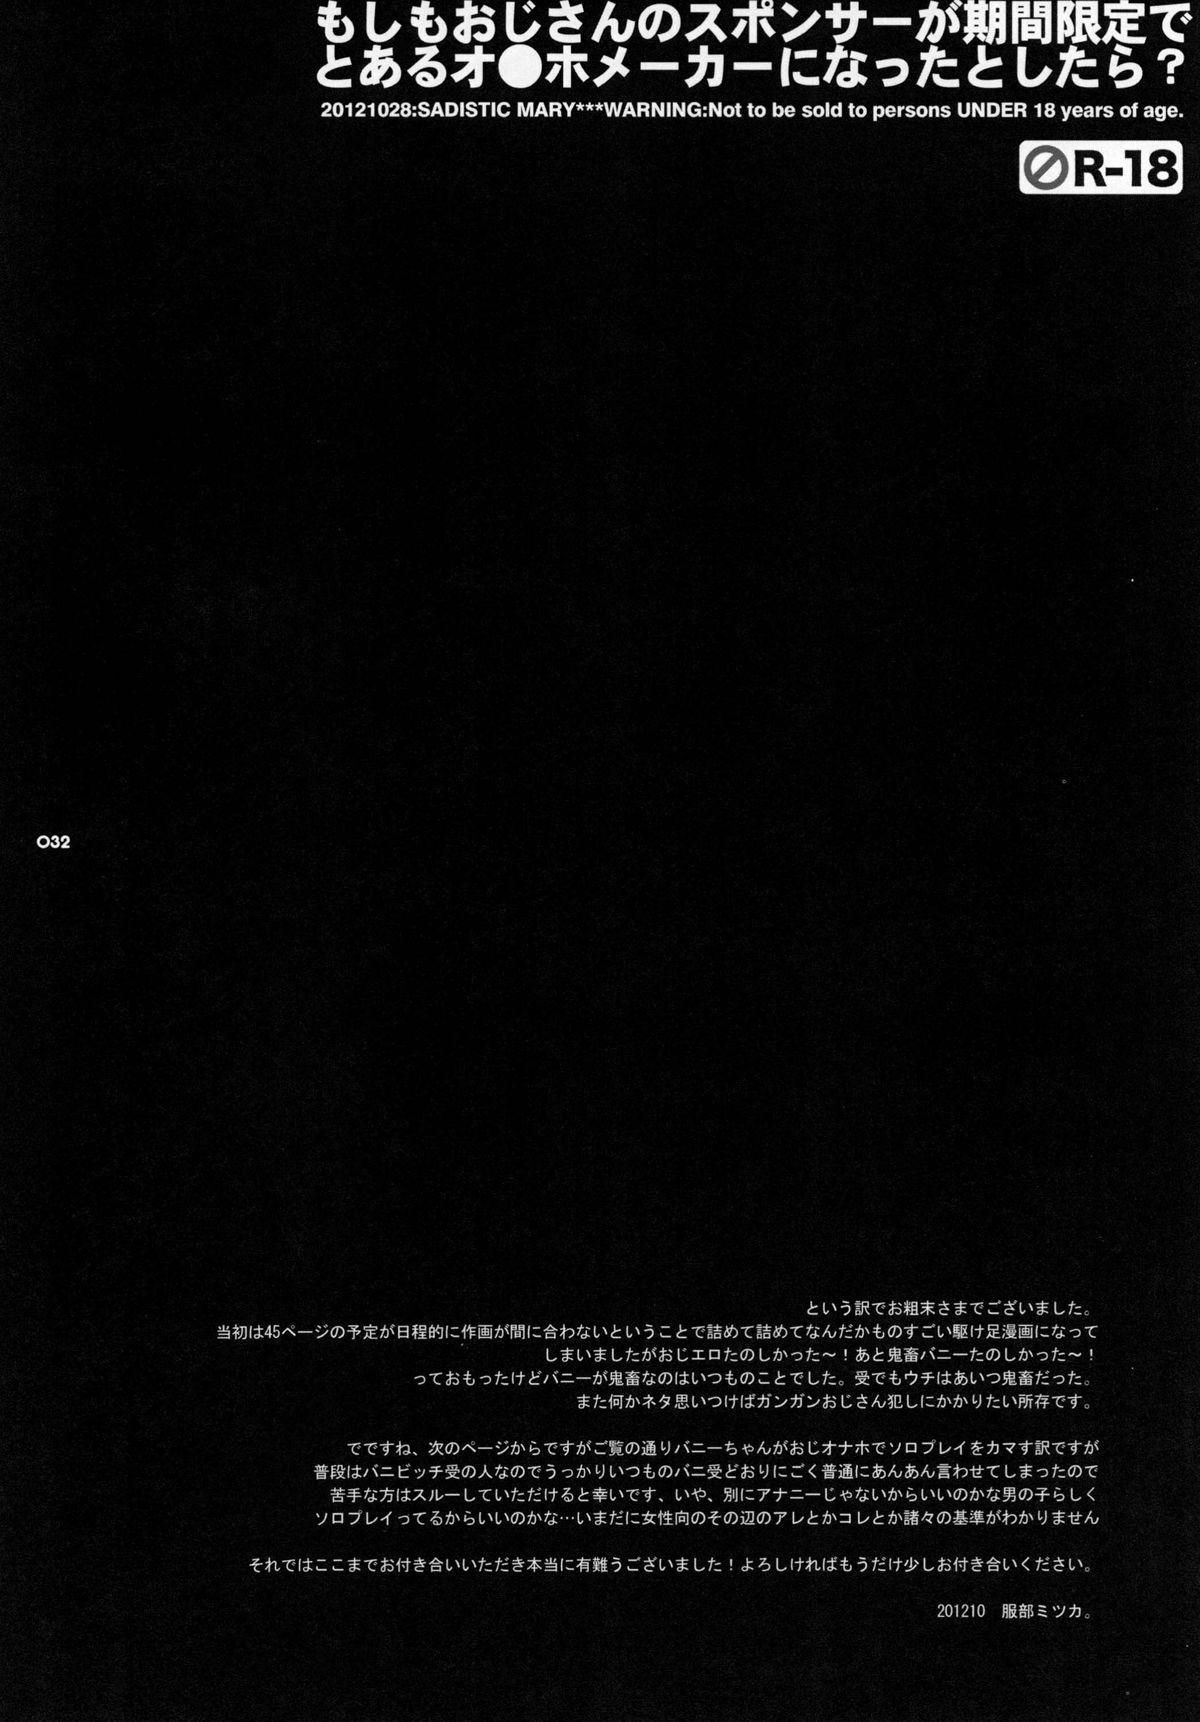 (GONEXT! 4) [Sadistic Mary (Hattori Mitsuka)] Moshimo Oji-san no Sponsor ga Kikan Gentei de Toaru Onahole Maker ni Natta to   What if the Oji-san's sponsor is an onahole maker for a certain time (TIGER & BUNNY) [English] [desudesu] 30